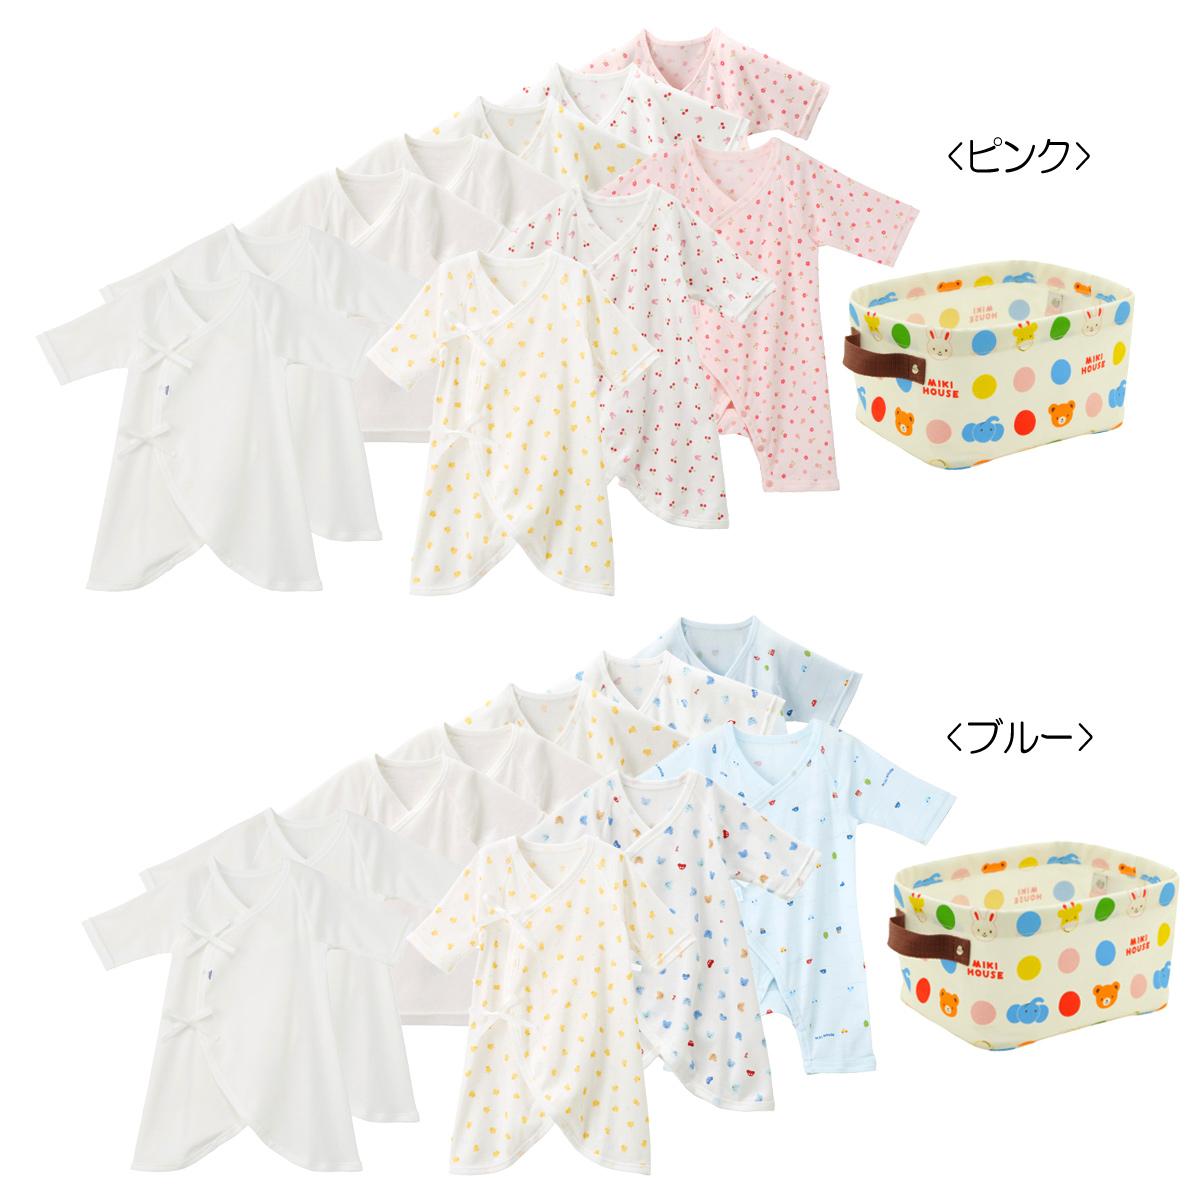 【オリジナルBOX付】ピュアベール 天使のはぐ フライス肌着セット(50cm)ミキハウス ベビー 出産祝い 出産祝